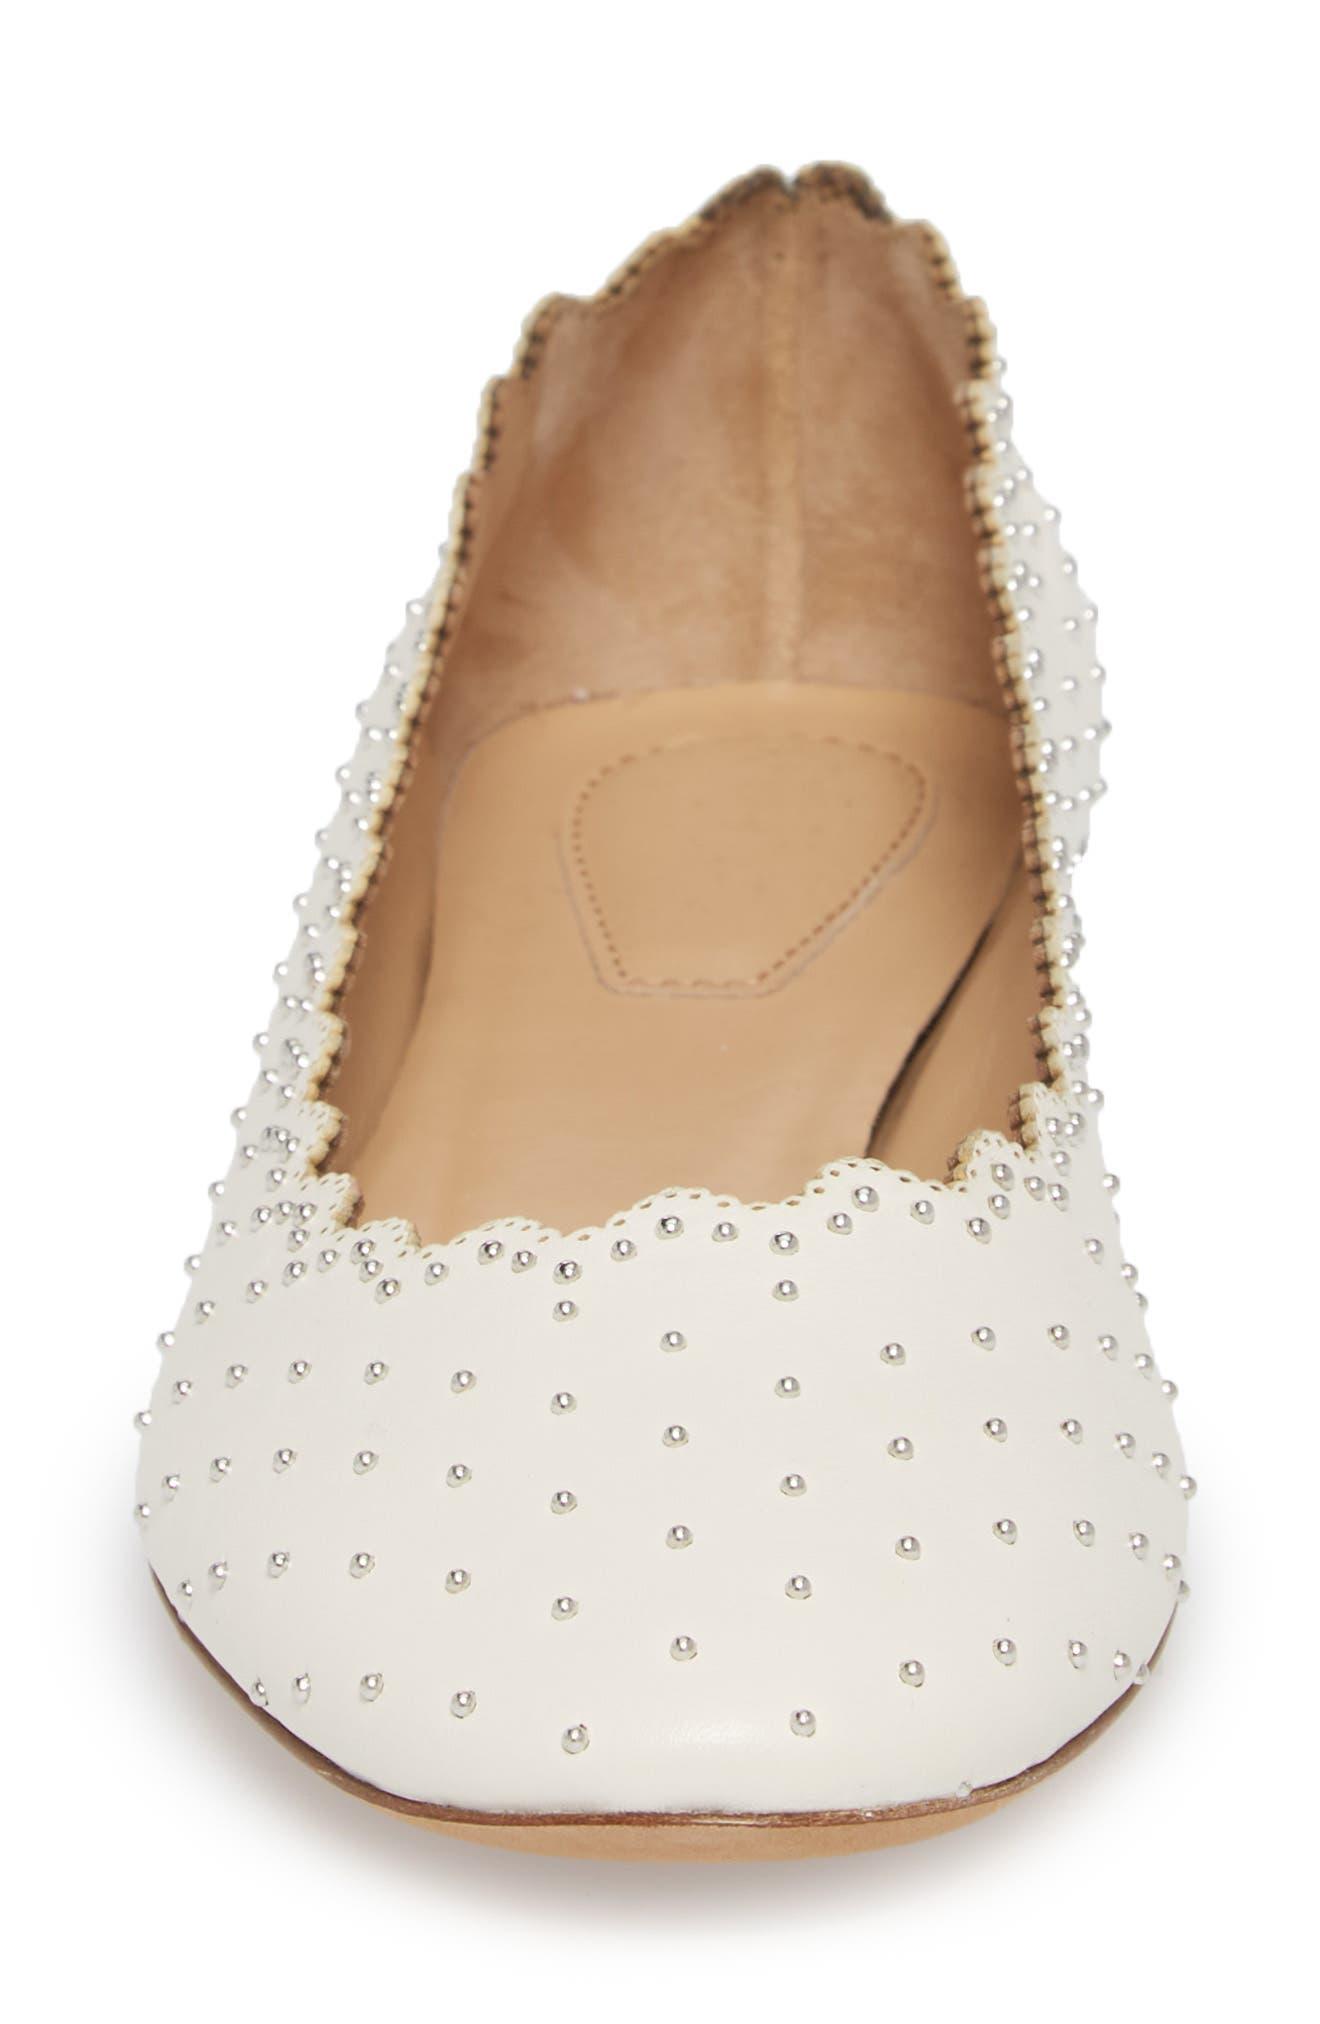 Lauren Studded Ballet Flat,                             Alternate thumbnail 4, color,                             WHITE